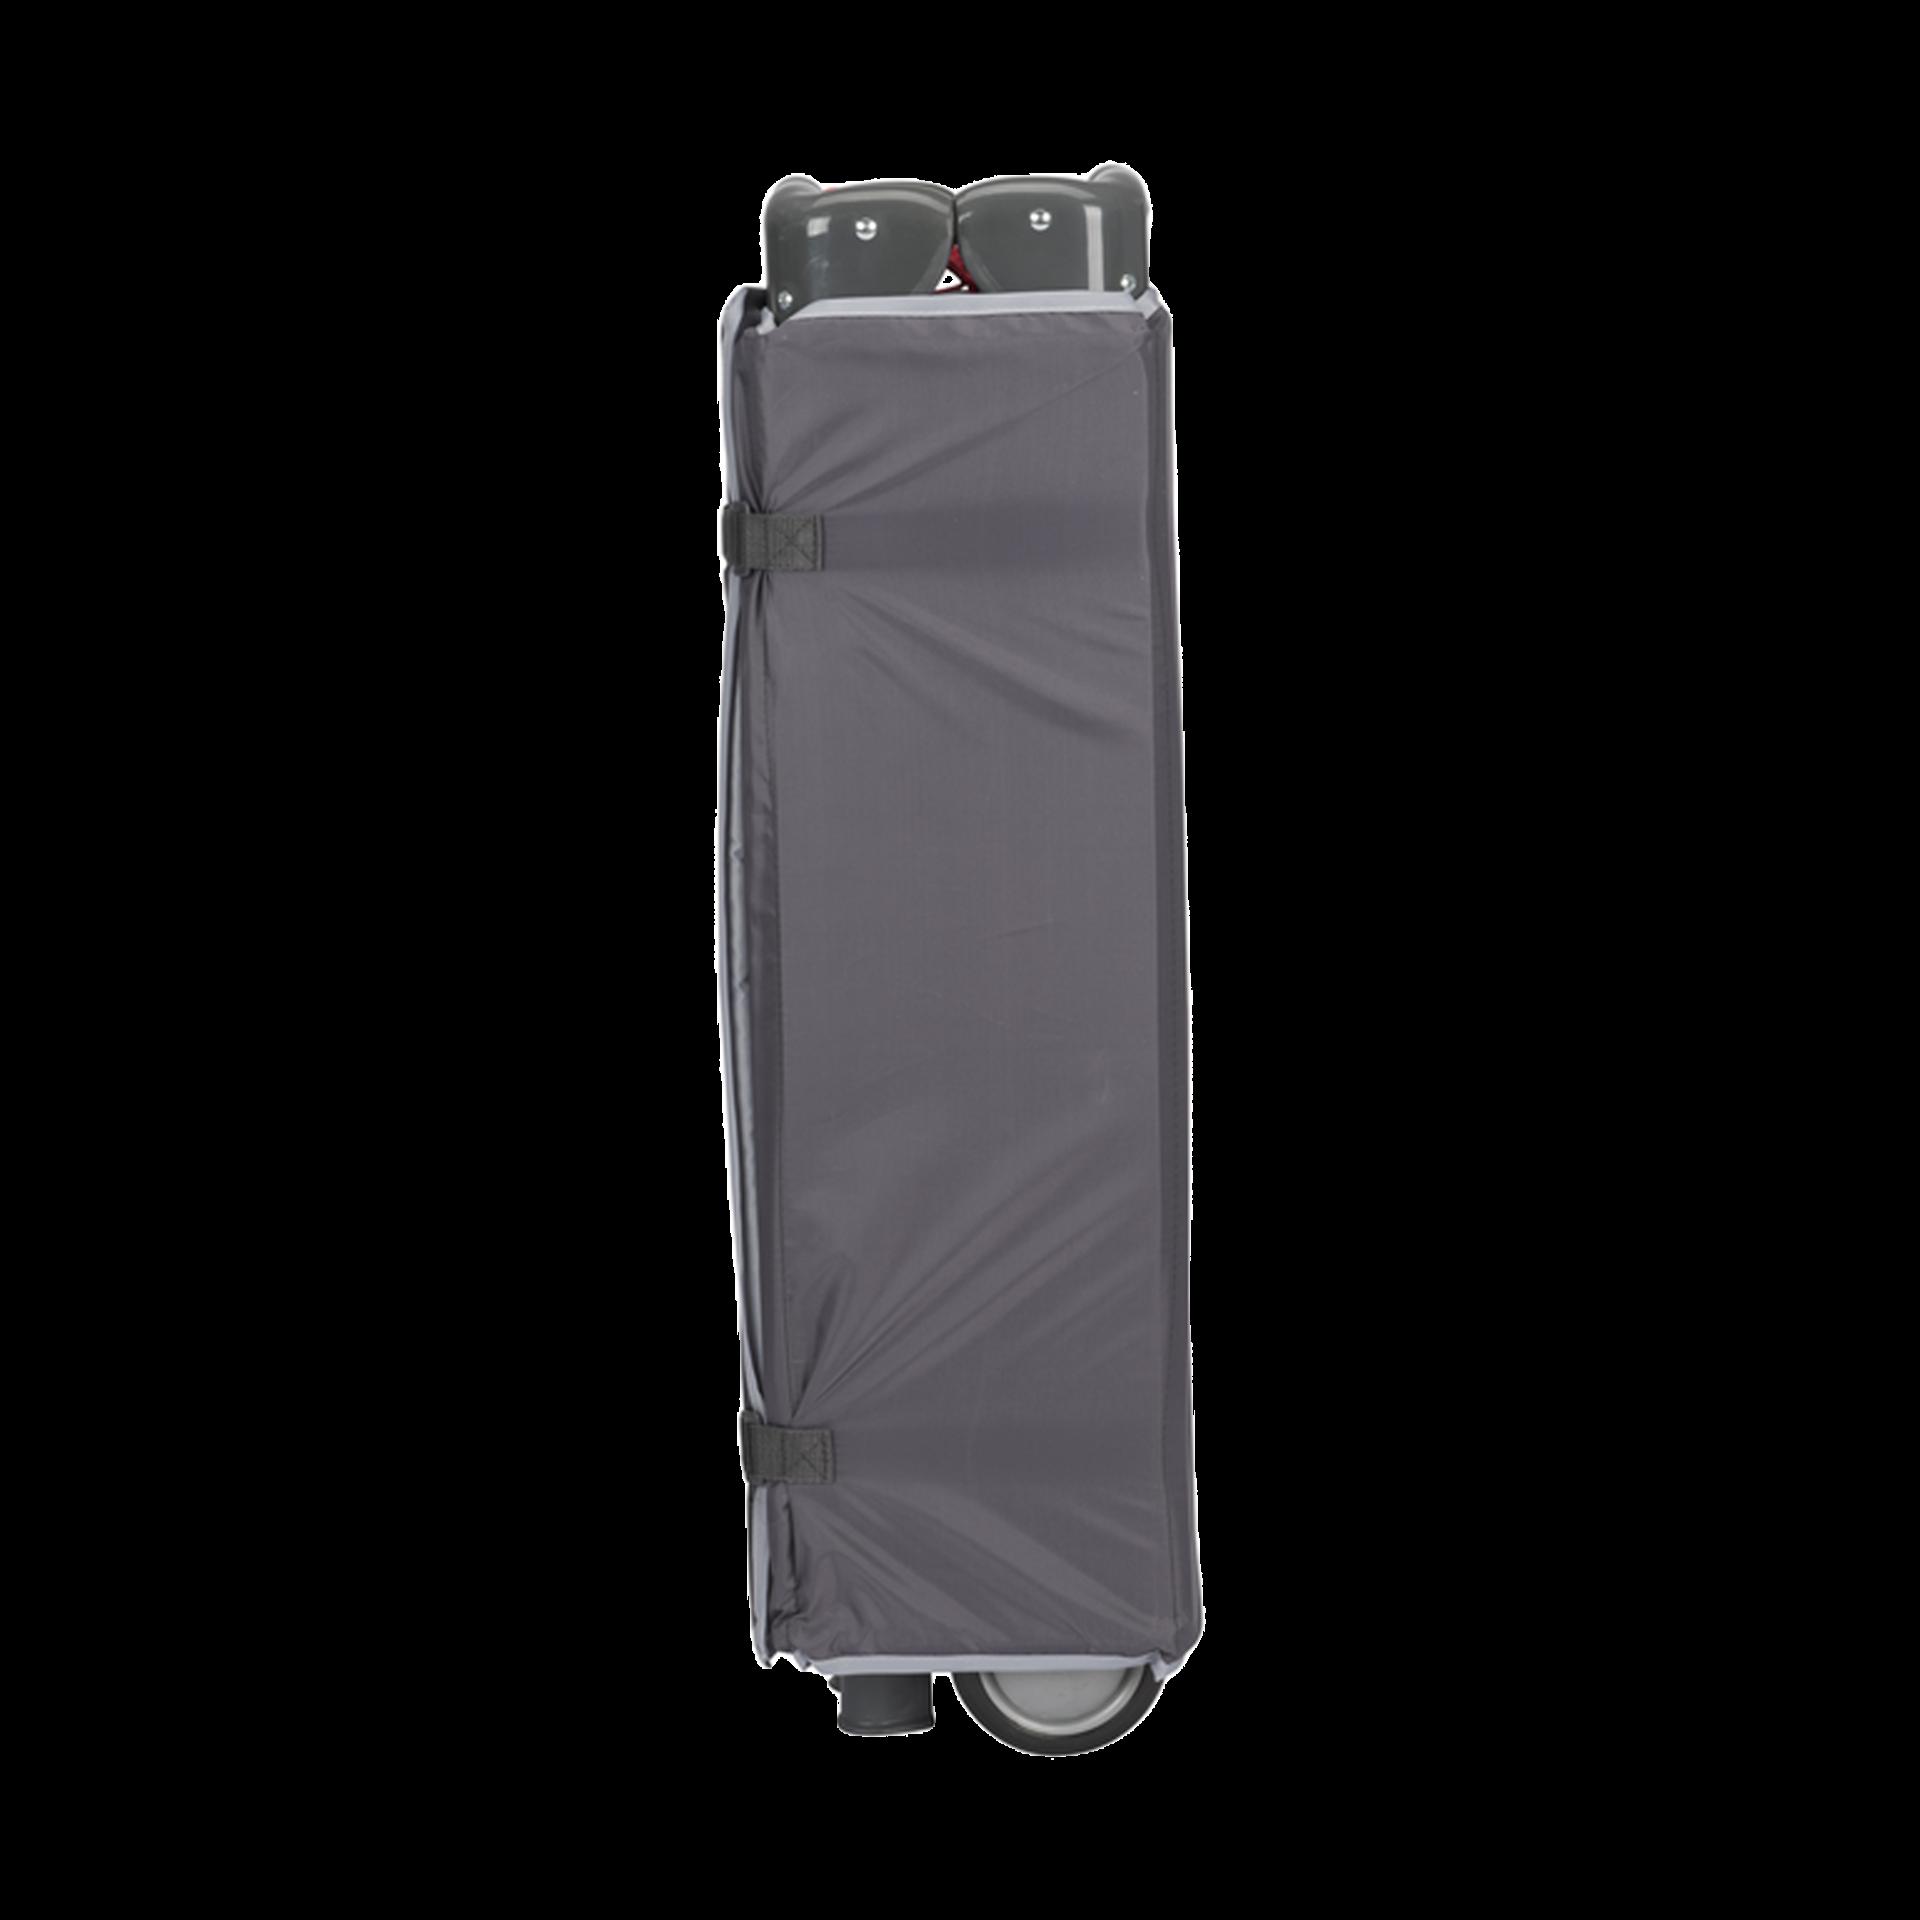 Evenflo Portable Babysuite Classic Playard Silverado W